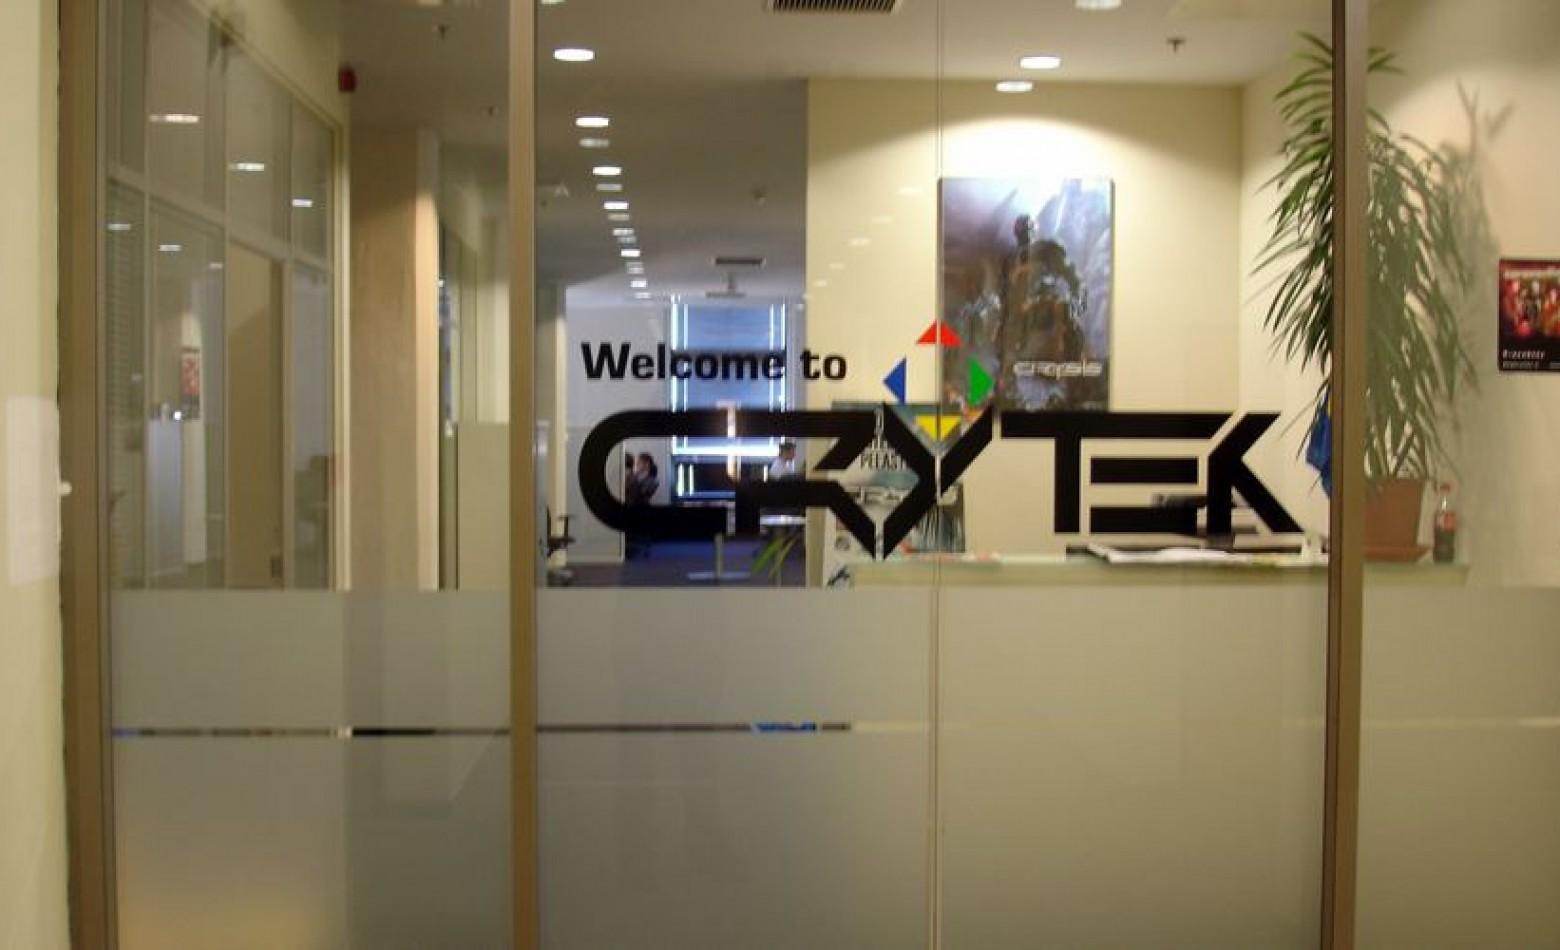 Diretor da Crytek finalmente fala sobre os problemas da desenvolvedora